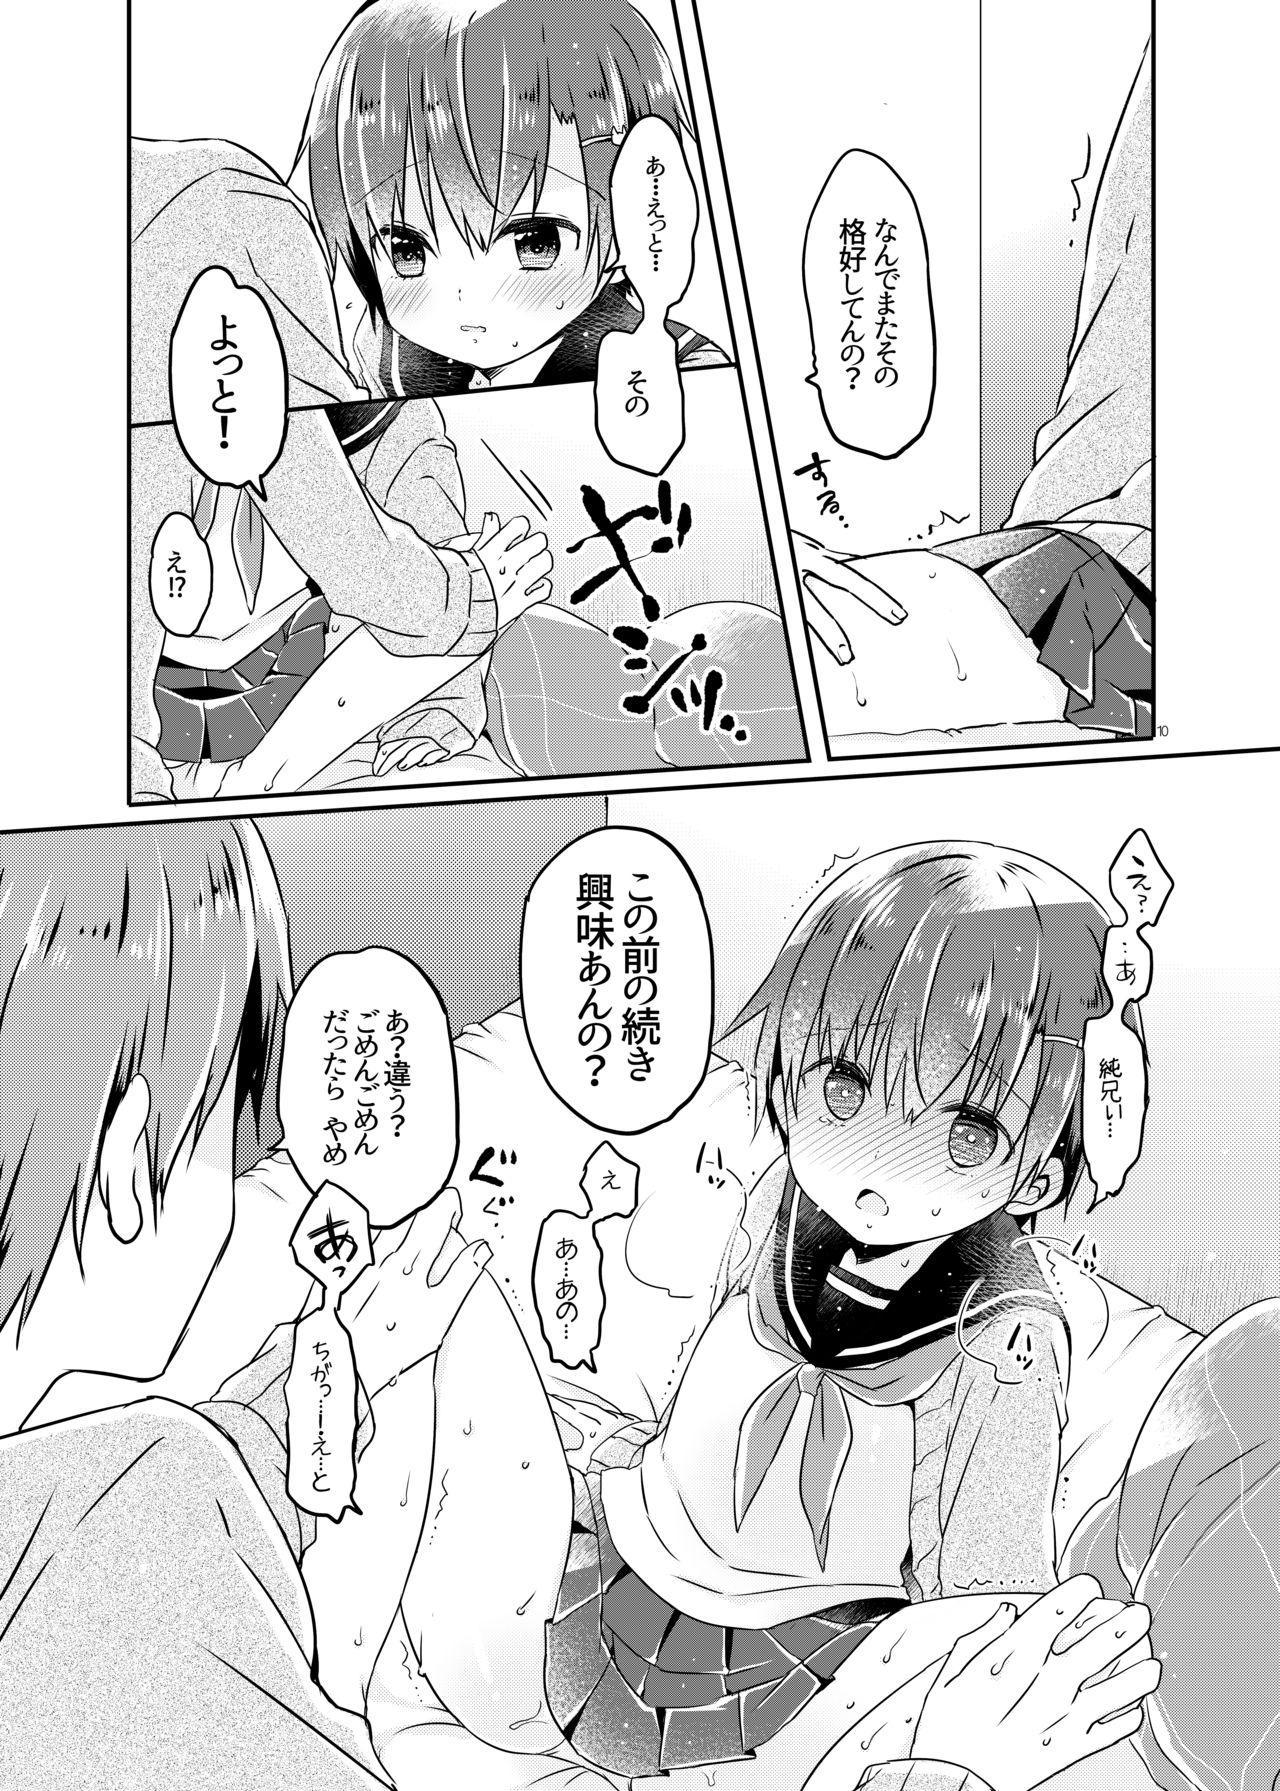 Totsugeki! Rinka no Josou Shounen 2 8